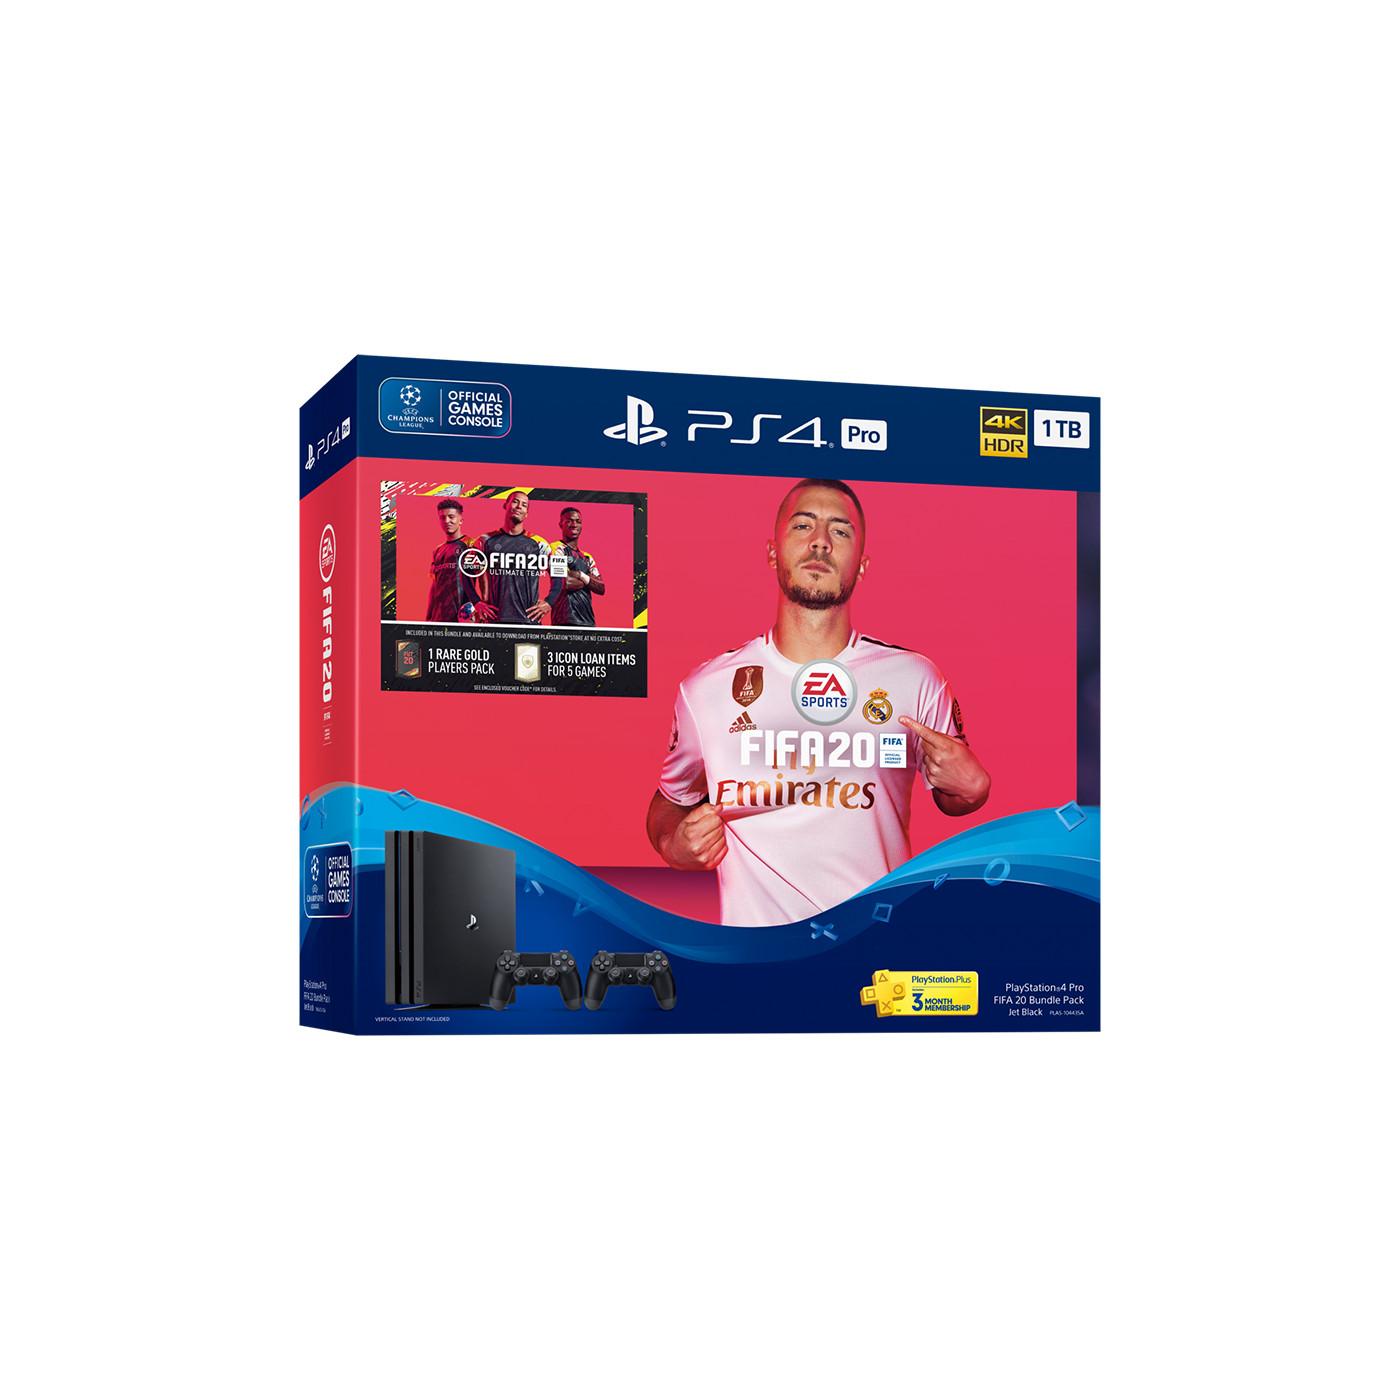 Máy PS4 Pro FIFA 20 Bundle 2 Tay cầm dualshock 4 -Hàng chính hãng